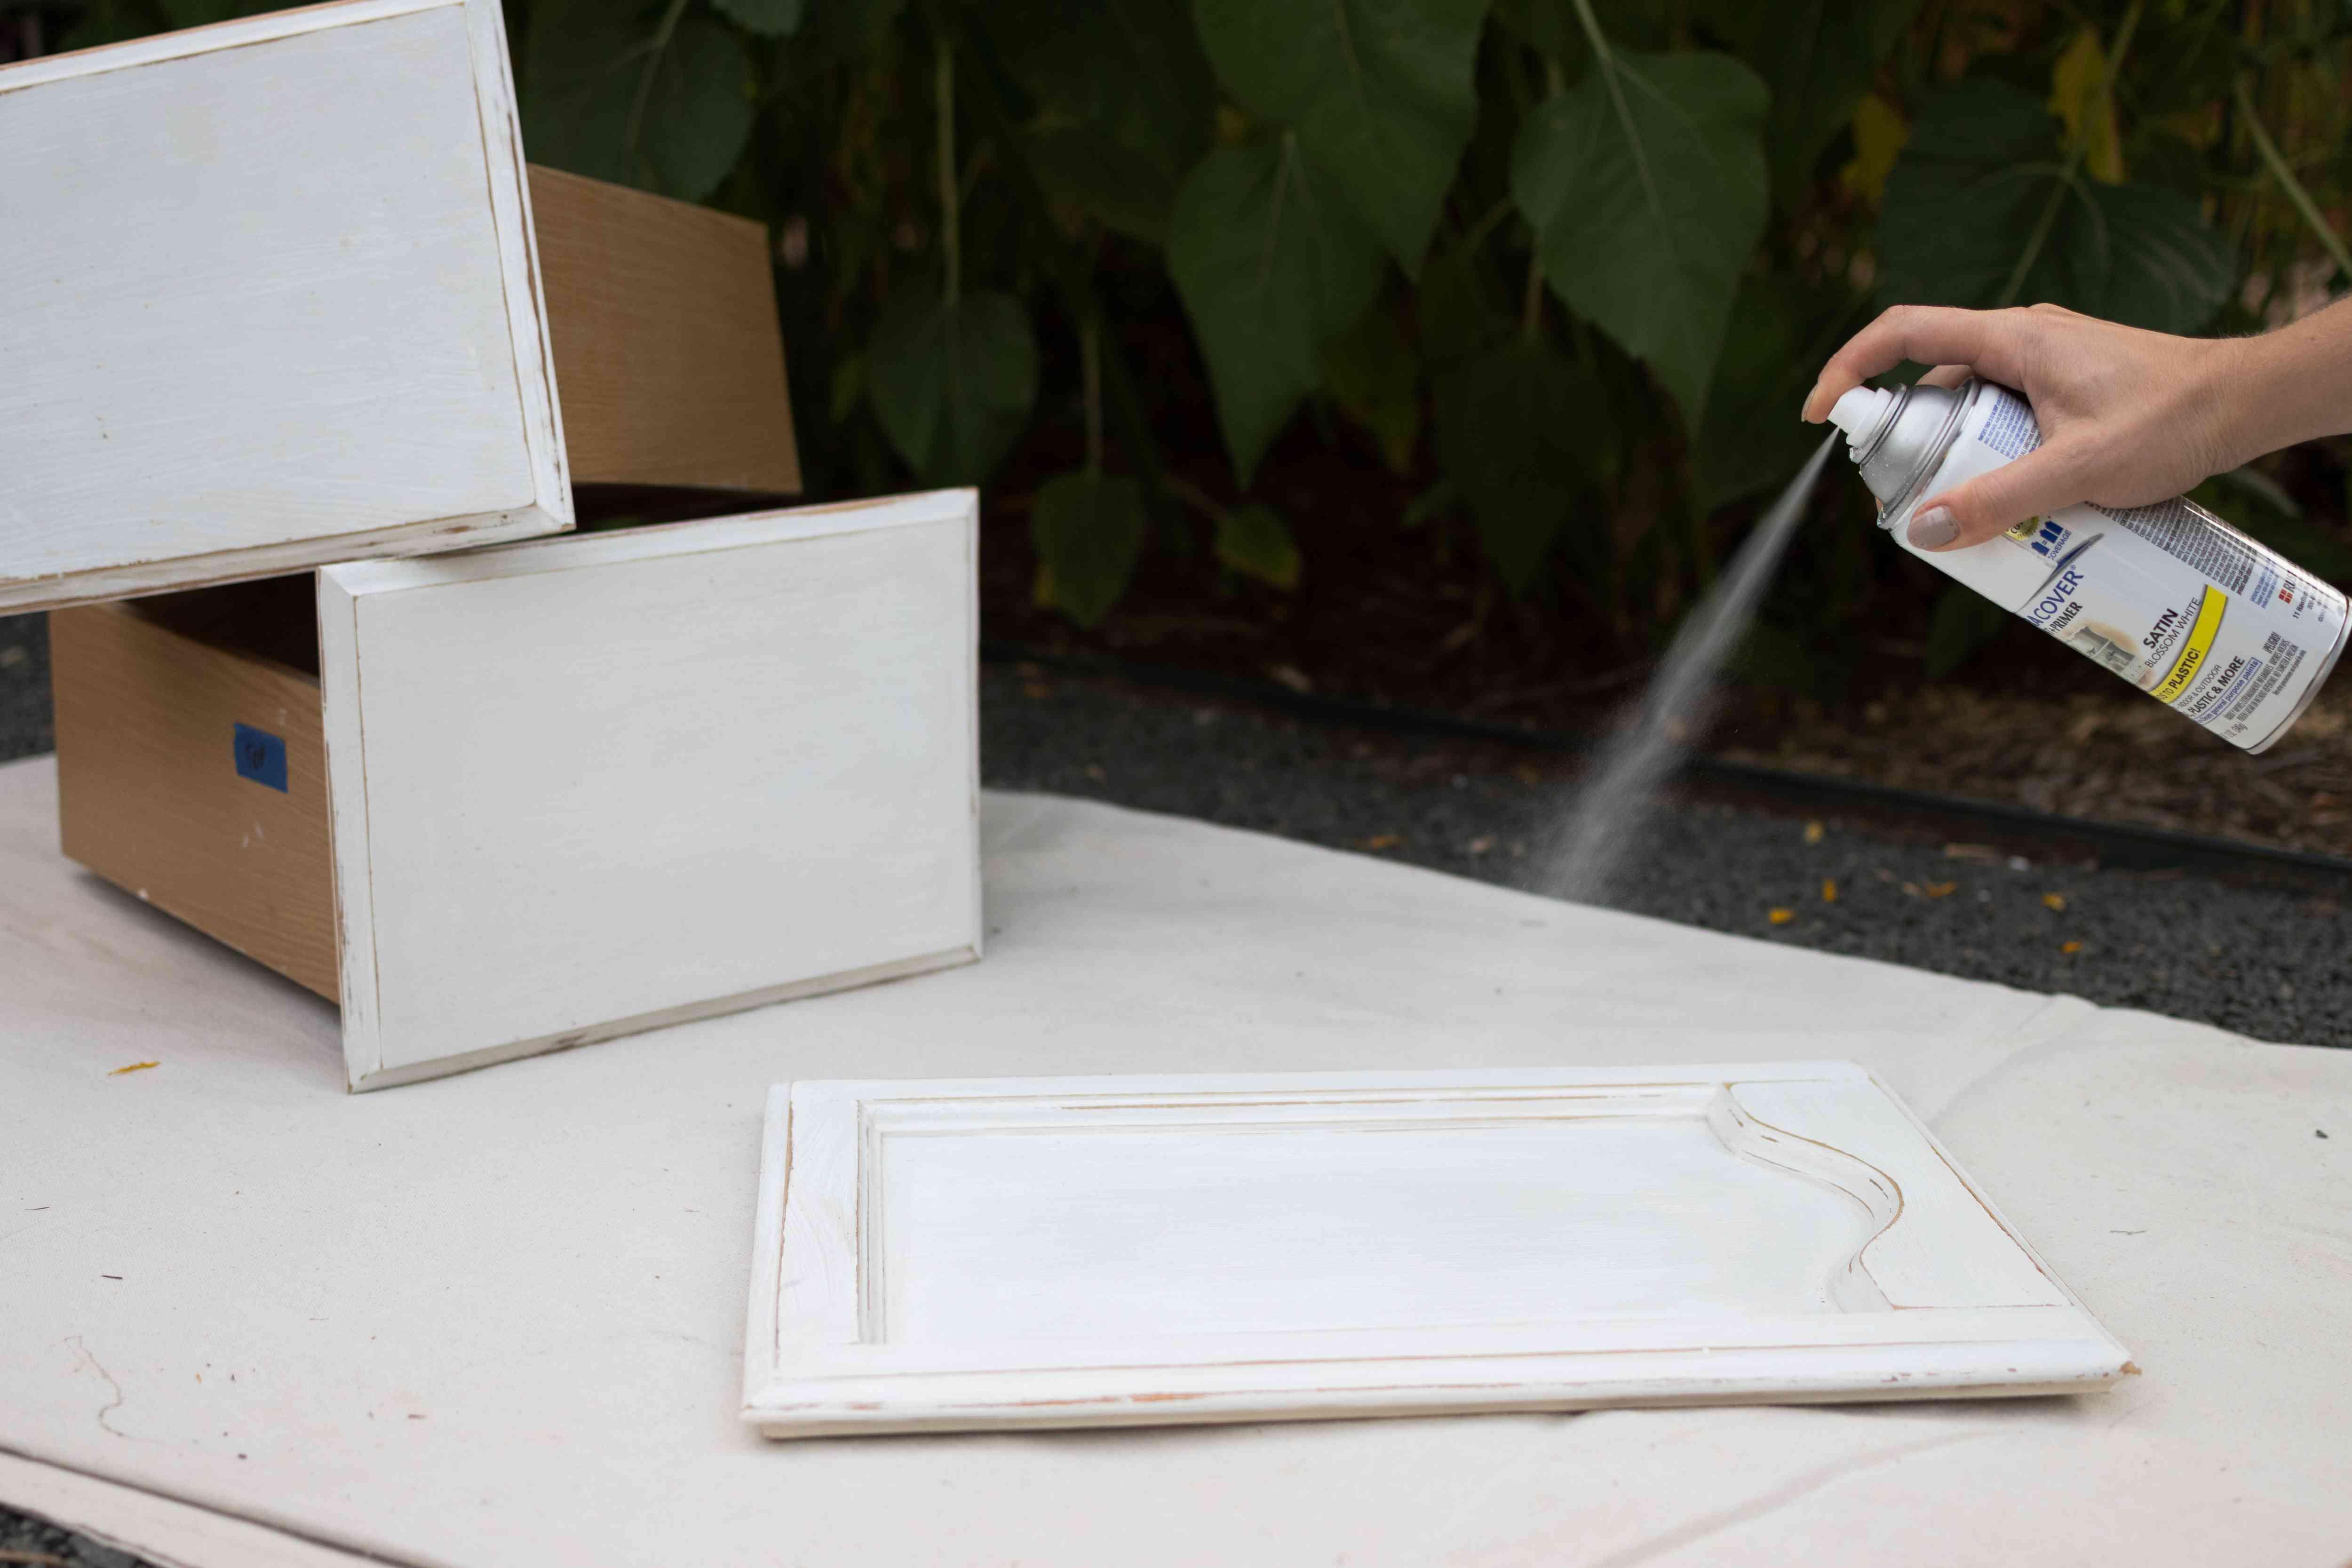 Primer sprayed on bathroom cabinet doors outside on white sheet